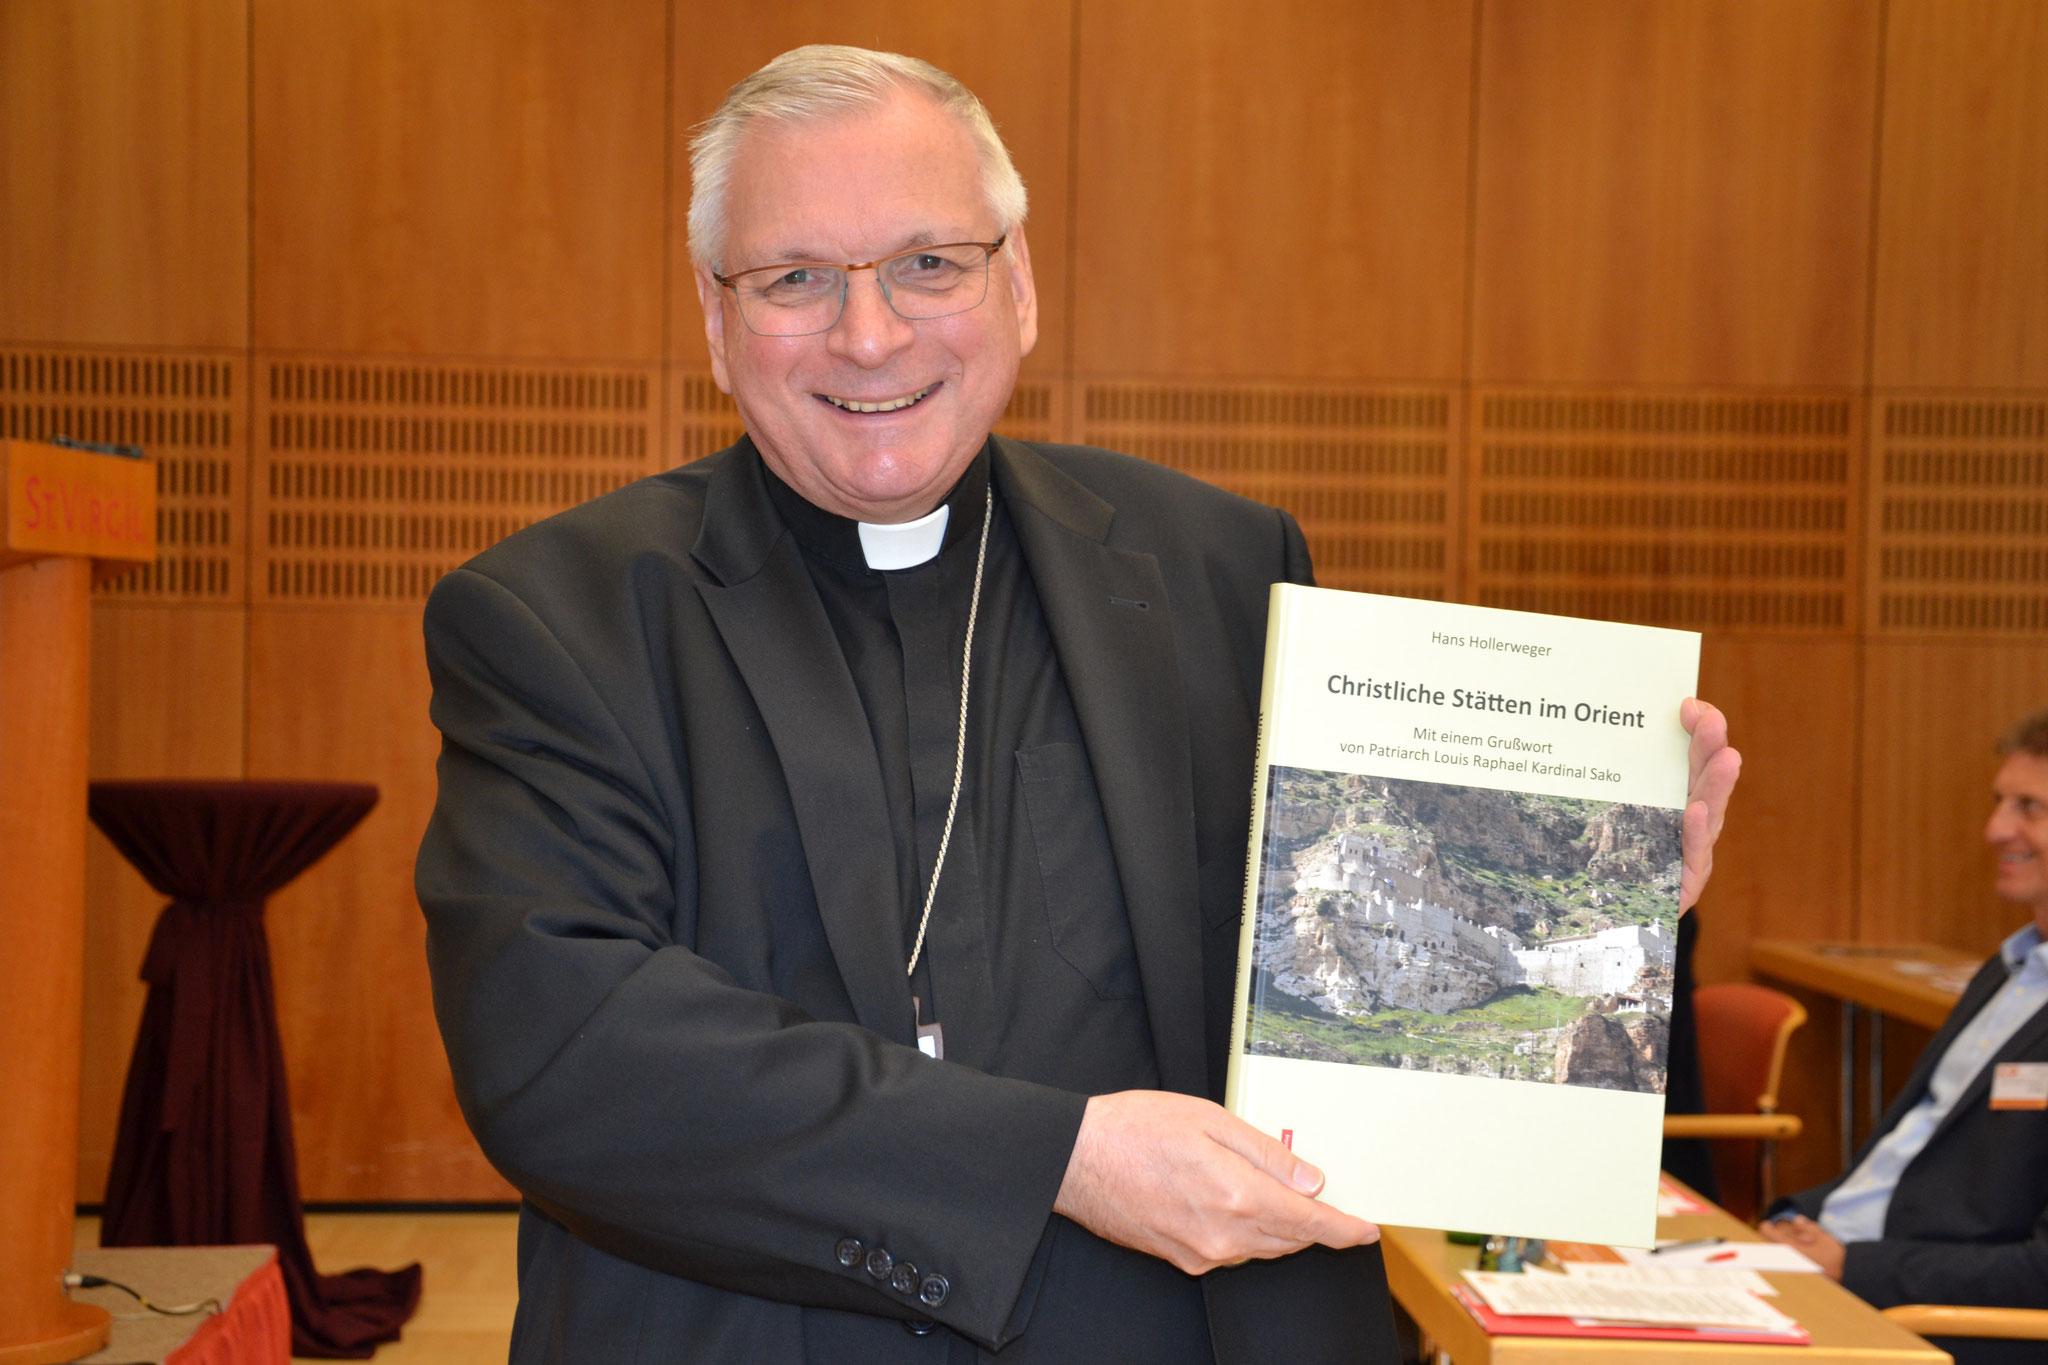 """Bischof Freistetter freut sich über ein kleines Geschenk: Das neue Buch von Prof. Hans Hollerweger über """"Christliche Stätten im Orient""""."""